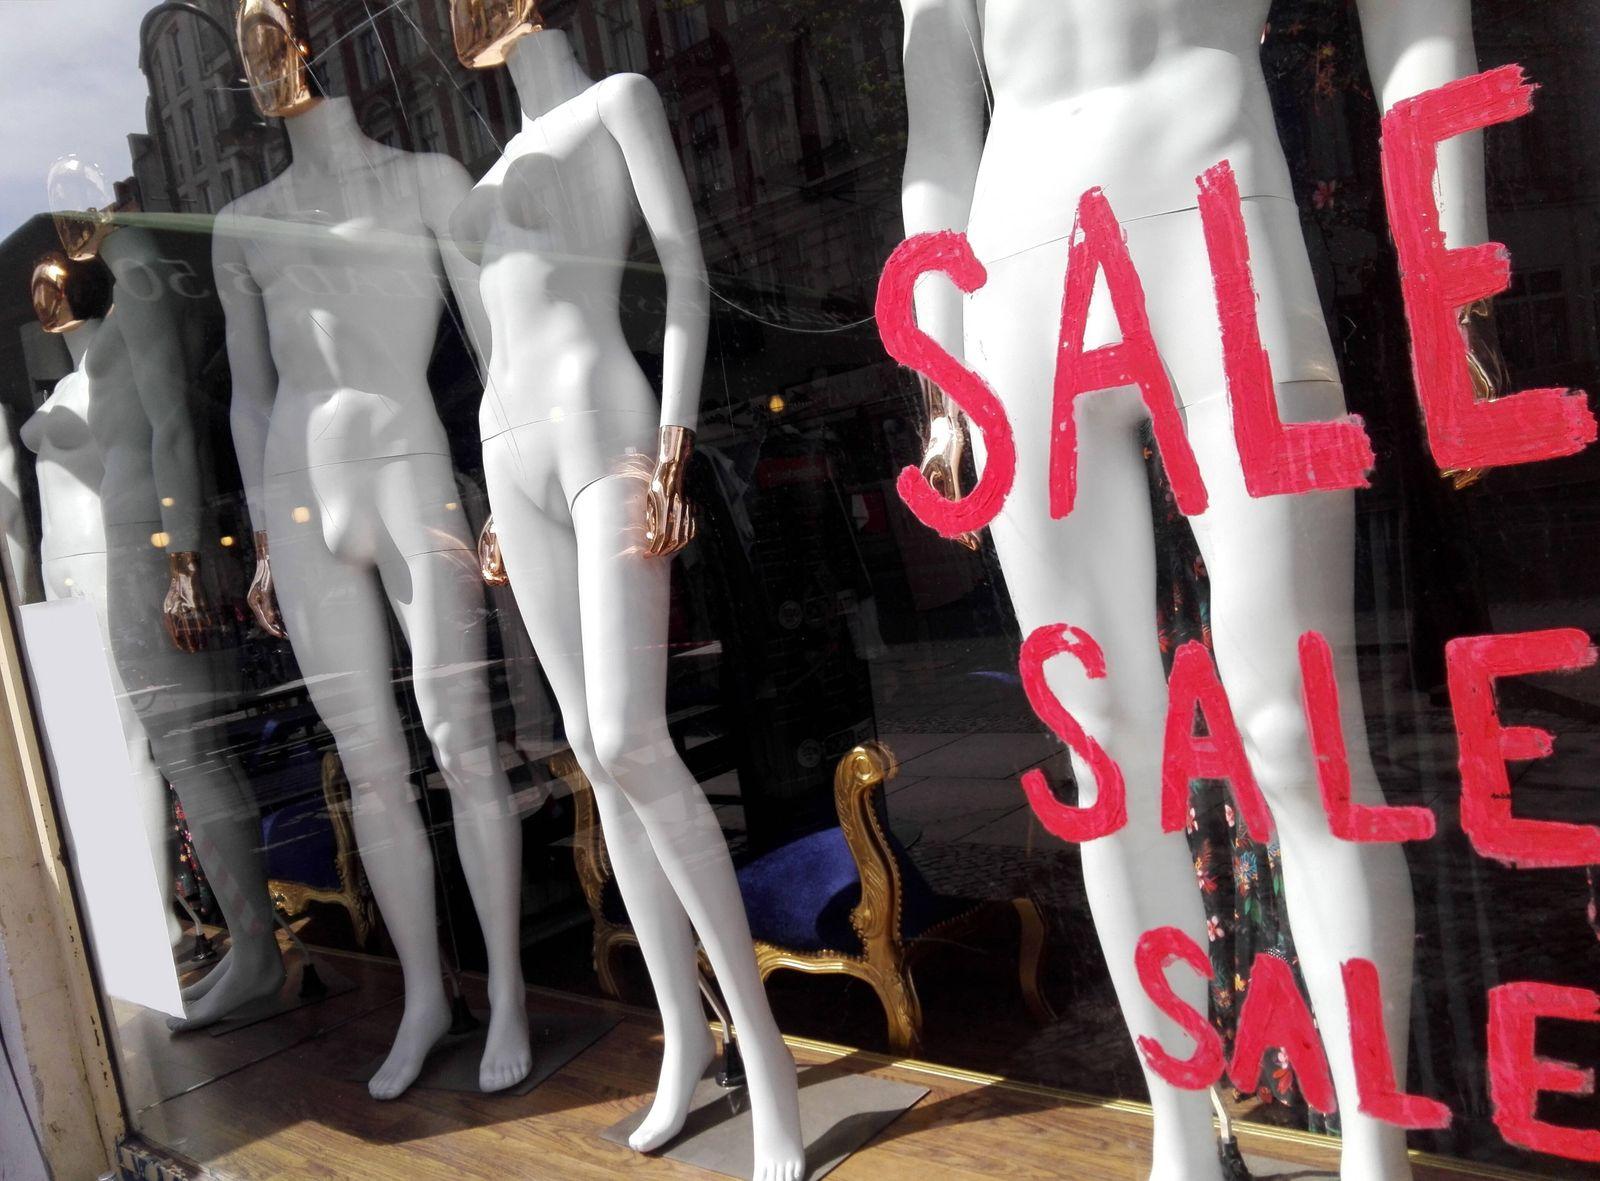 15.04.2020, Berlin - Deutschland. Schaufenster eines Ladens mit nackten Schaufensterpuppen und dem Schriftzug Sale, ein